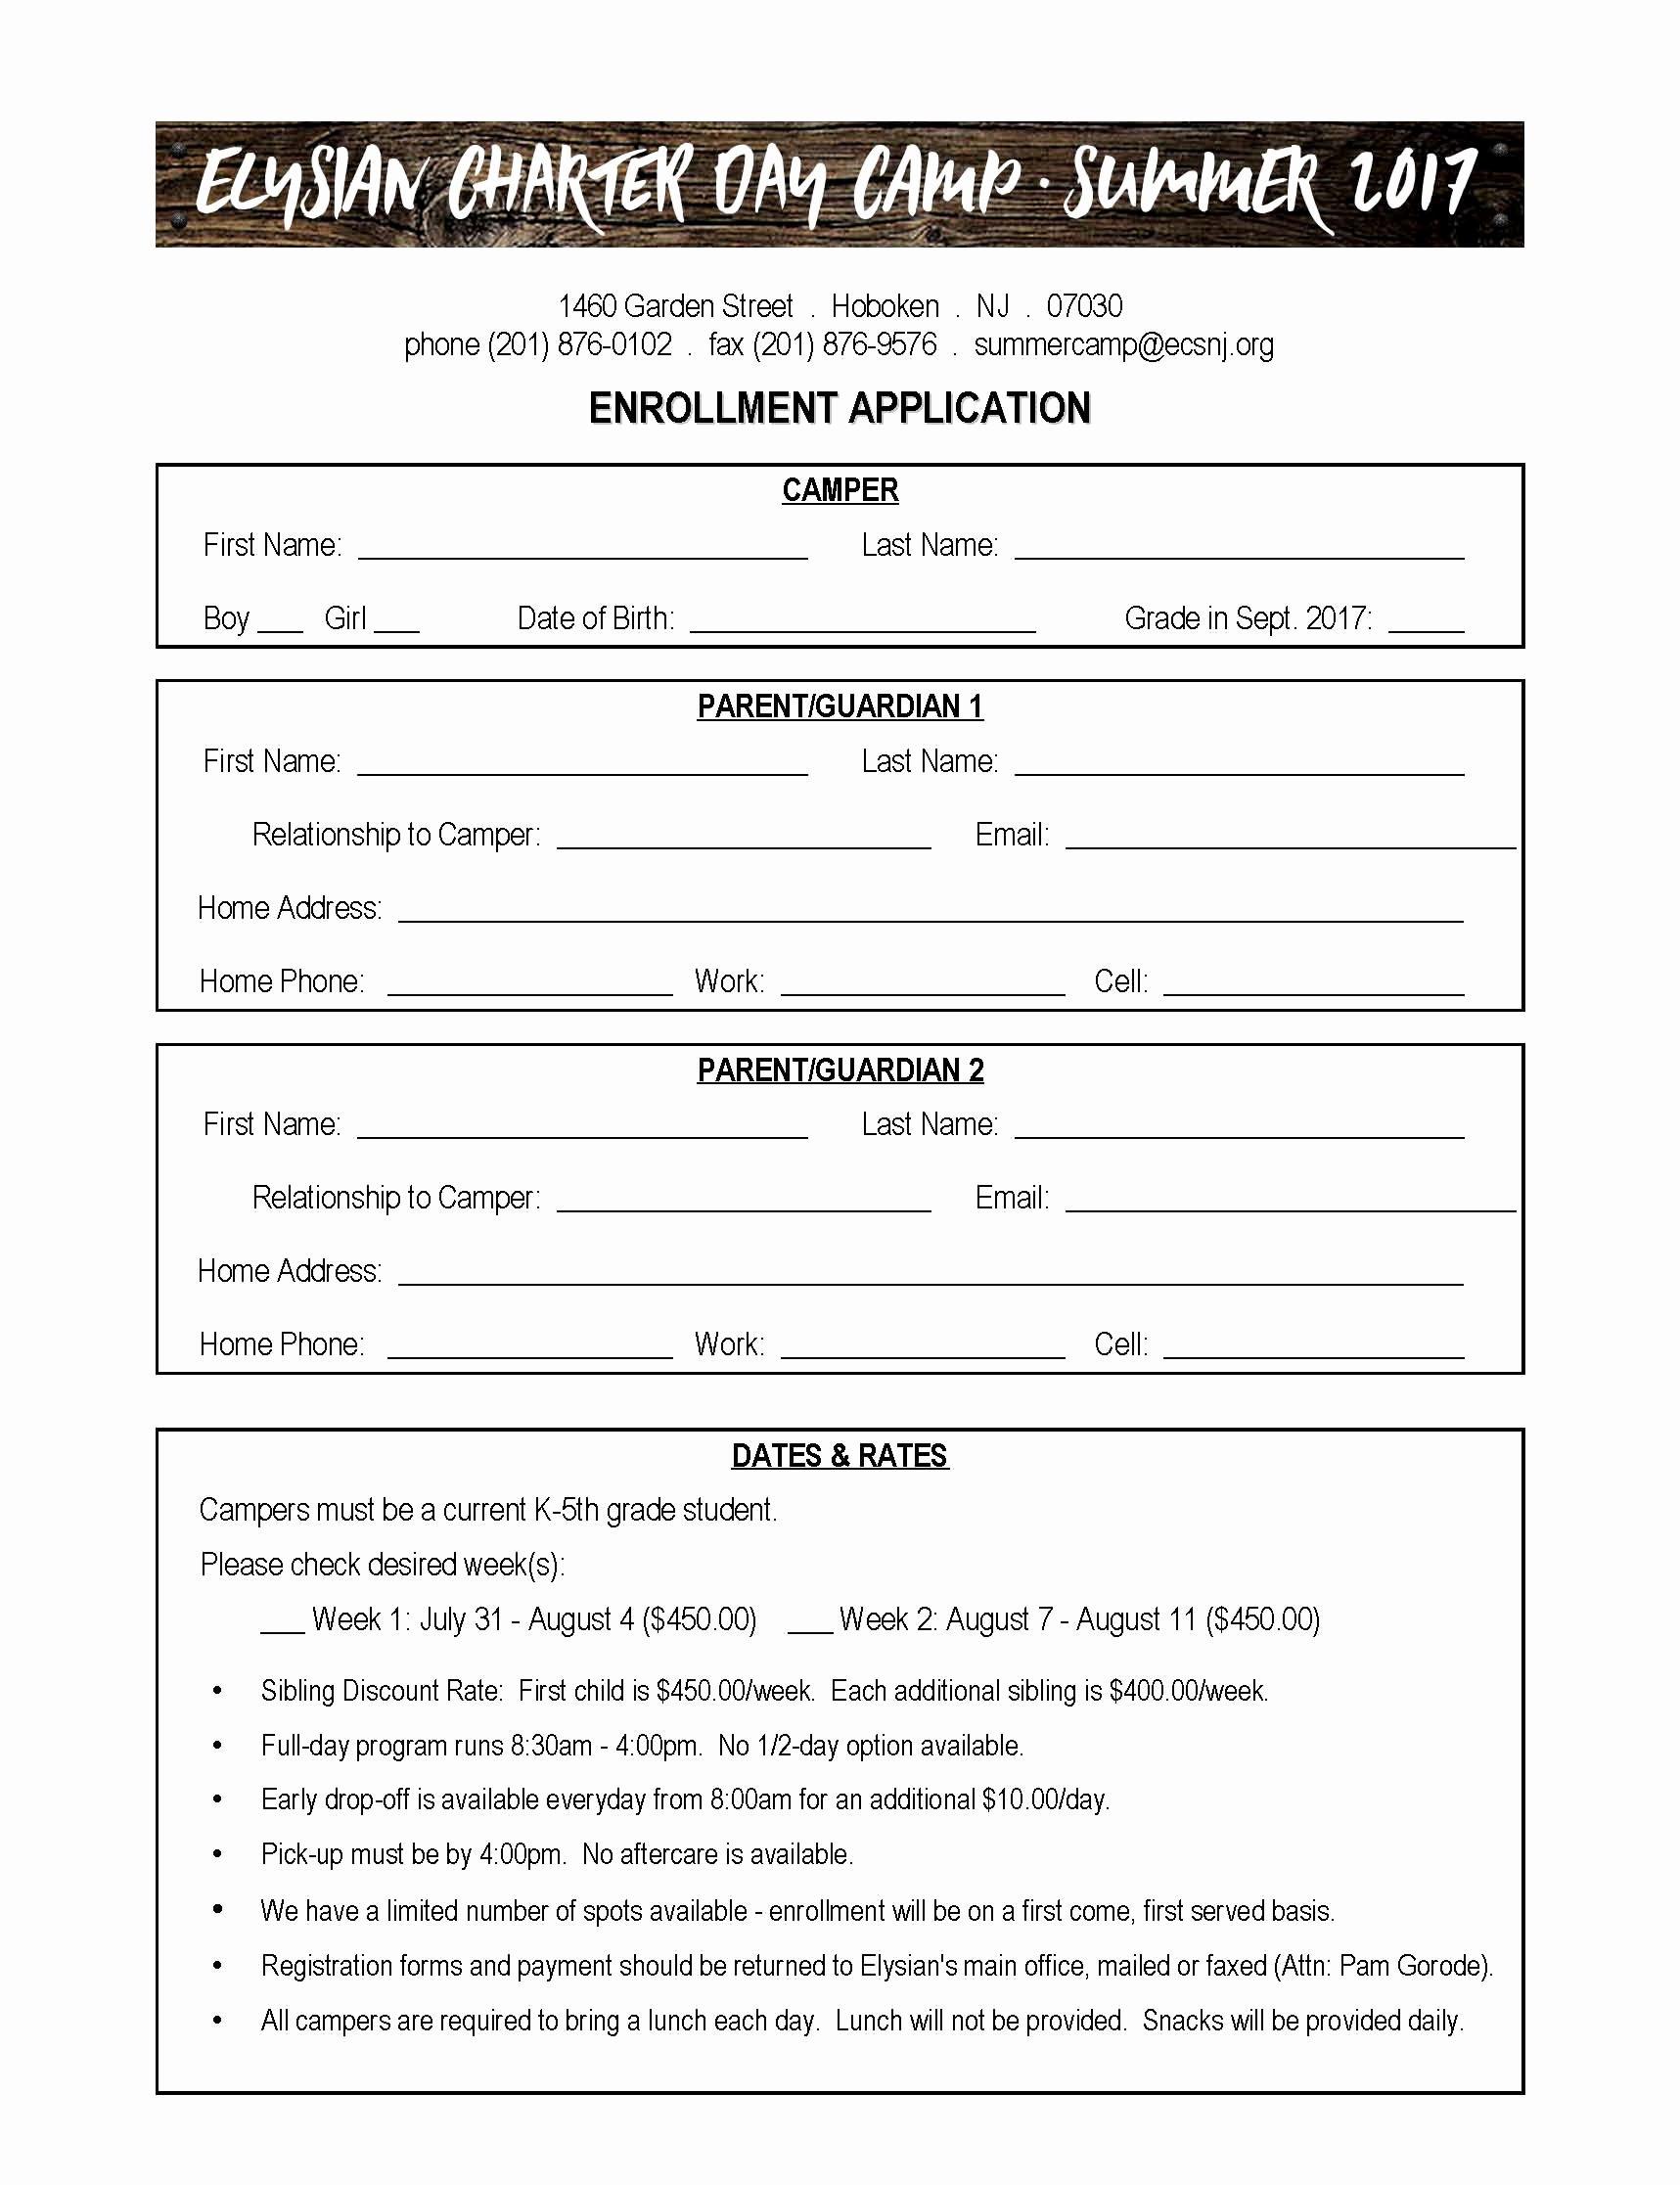 Registration form for Summer Camp Lovely Camp Registration form – Elysian Charter School